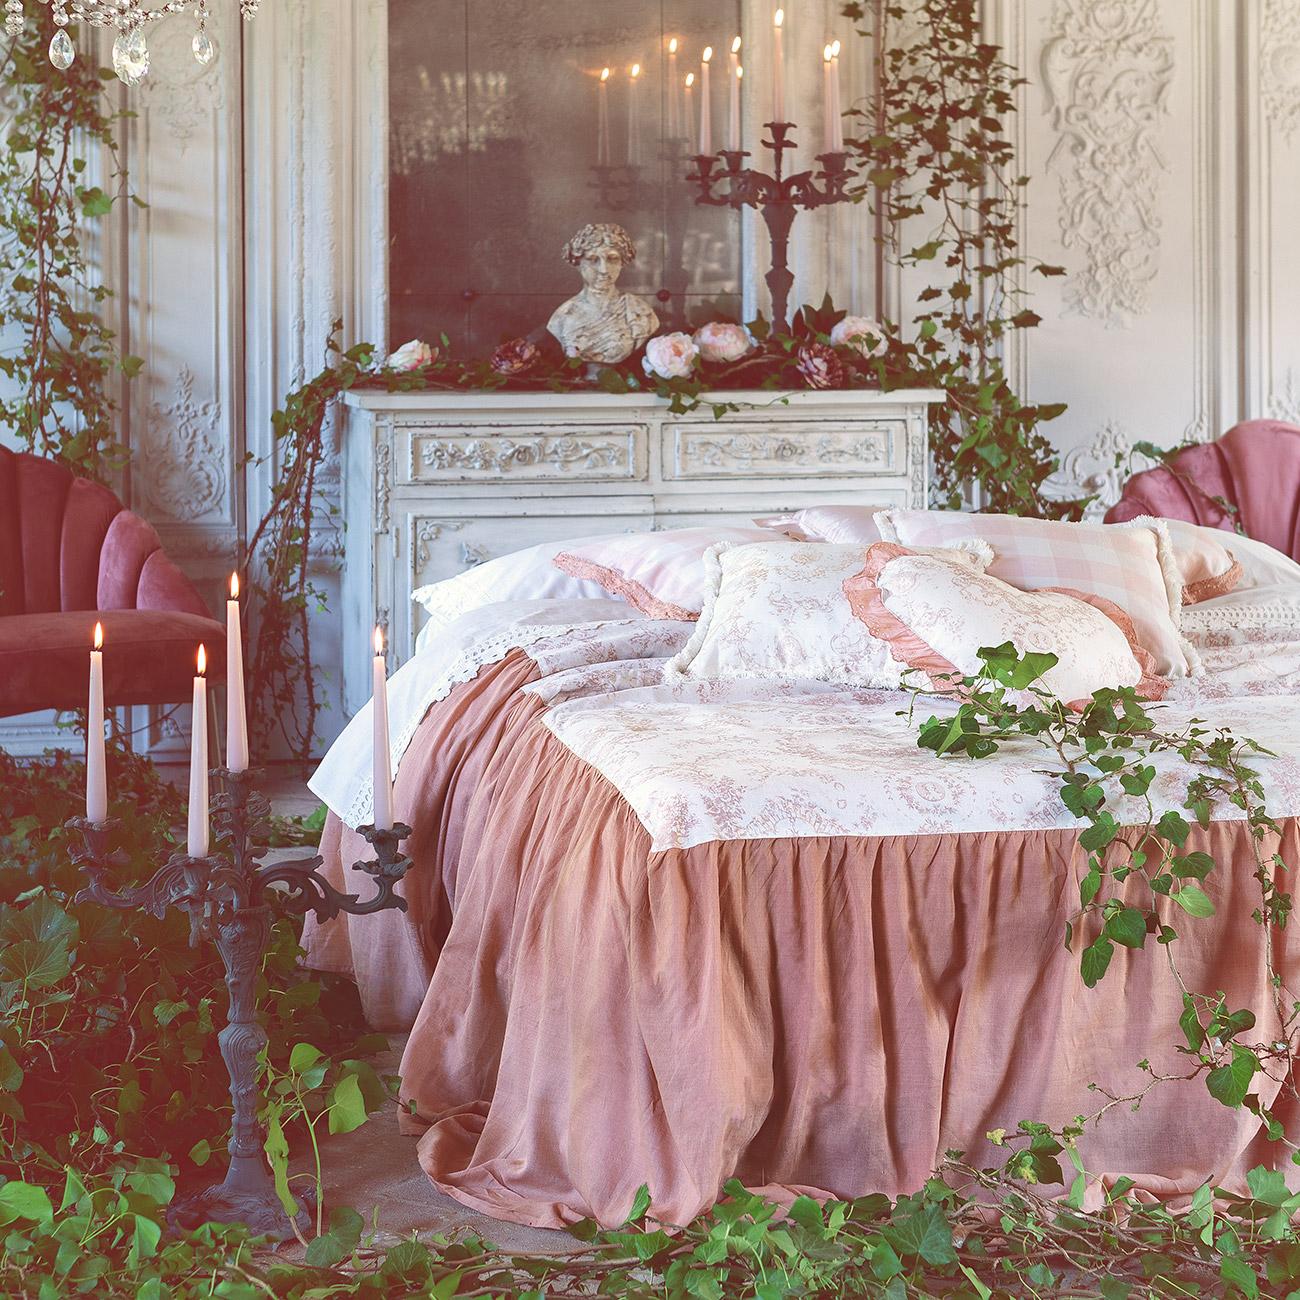 Blanc MariClo' Toile de Jouy - La biancheria per la casa